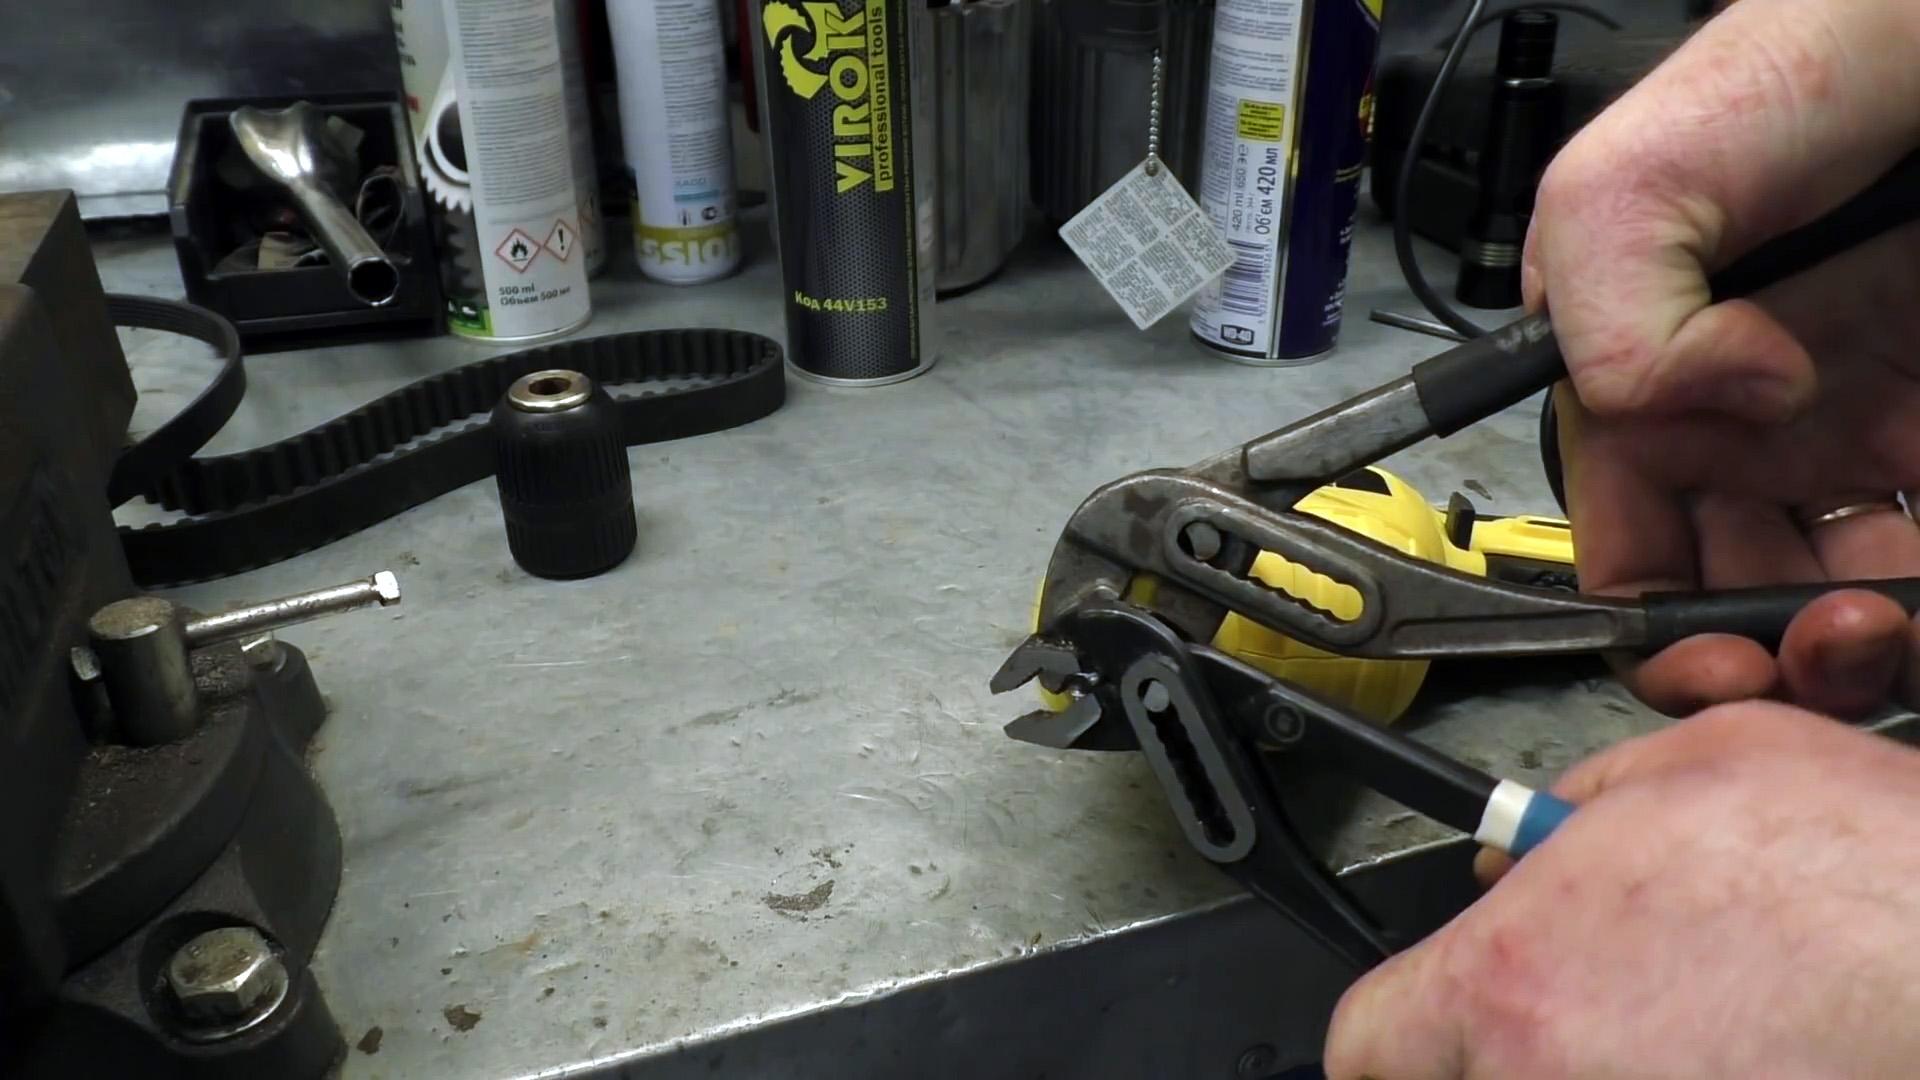 Как разжать и поменять заклинивший самозажимной патрон дрели